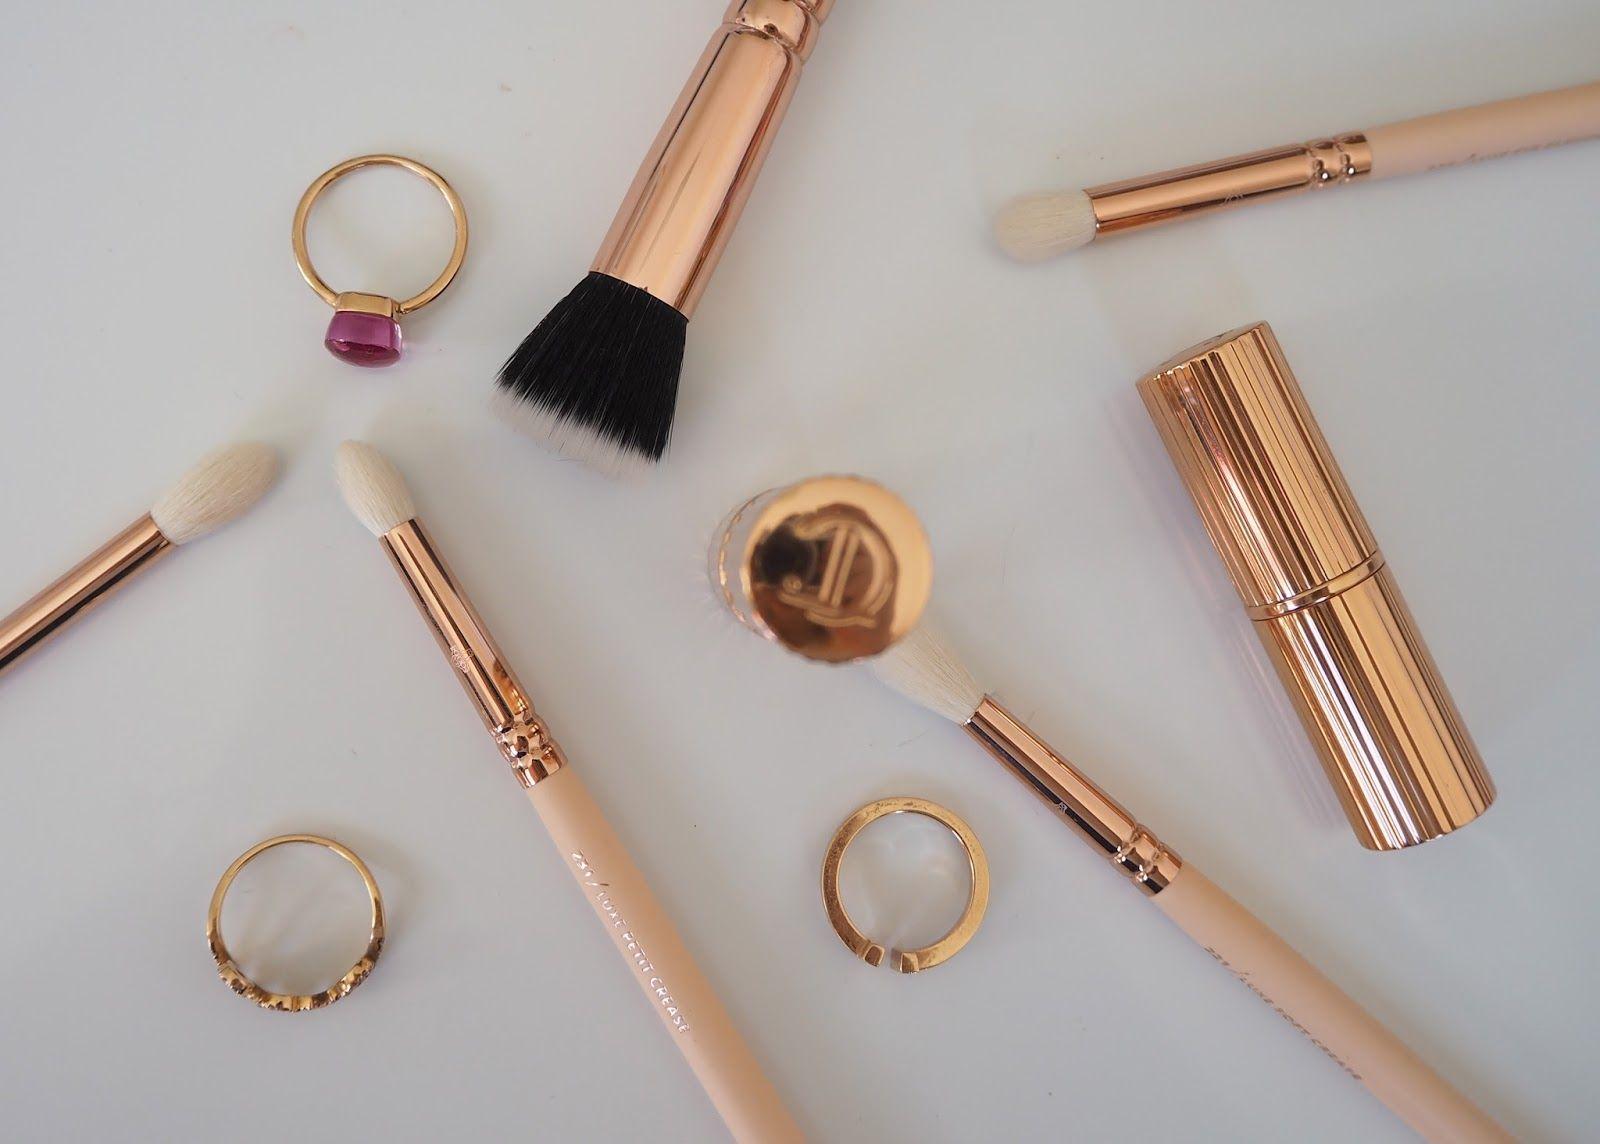 8 Piece Rose Gold Makeup Set Makeup Brushes Foundation